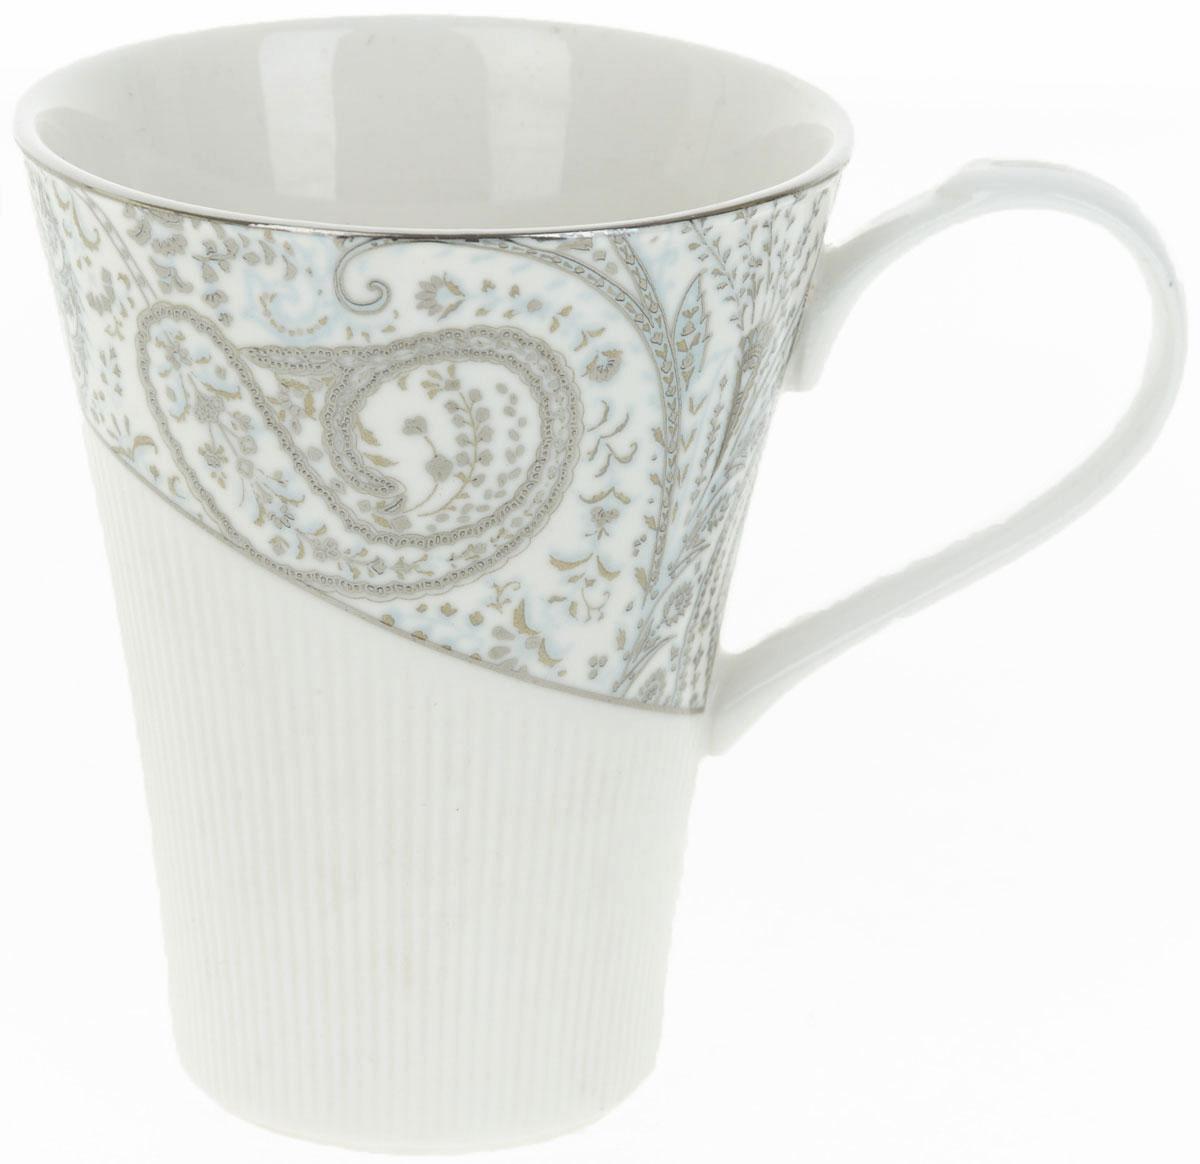 Кружка BHP Вавилон, 370 млM1480075Оригинальная кружка Best Home Porcelain, выполненная из высококачественного фарфора, сочетает в себе простой, утонченный дизайн с максимальной функциональностью. Оригинальность оформления придутся по вкусу тем, кто ценит индивидуальность. В комплект входит кружка. Можно использовать в ПММ.